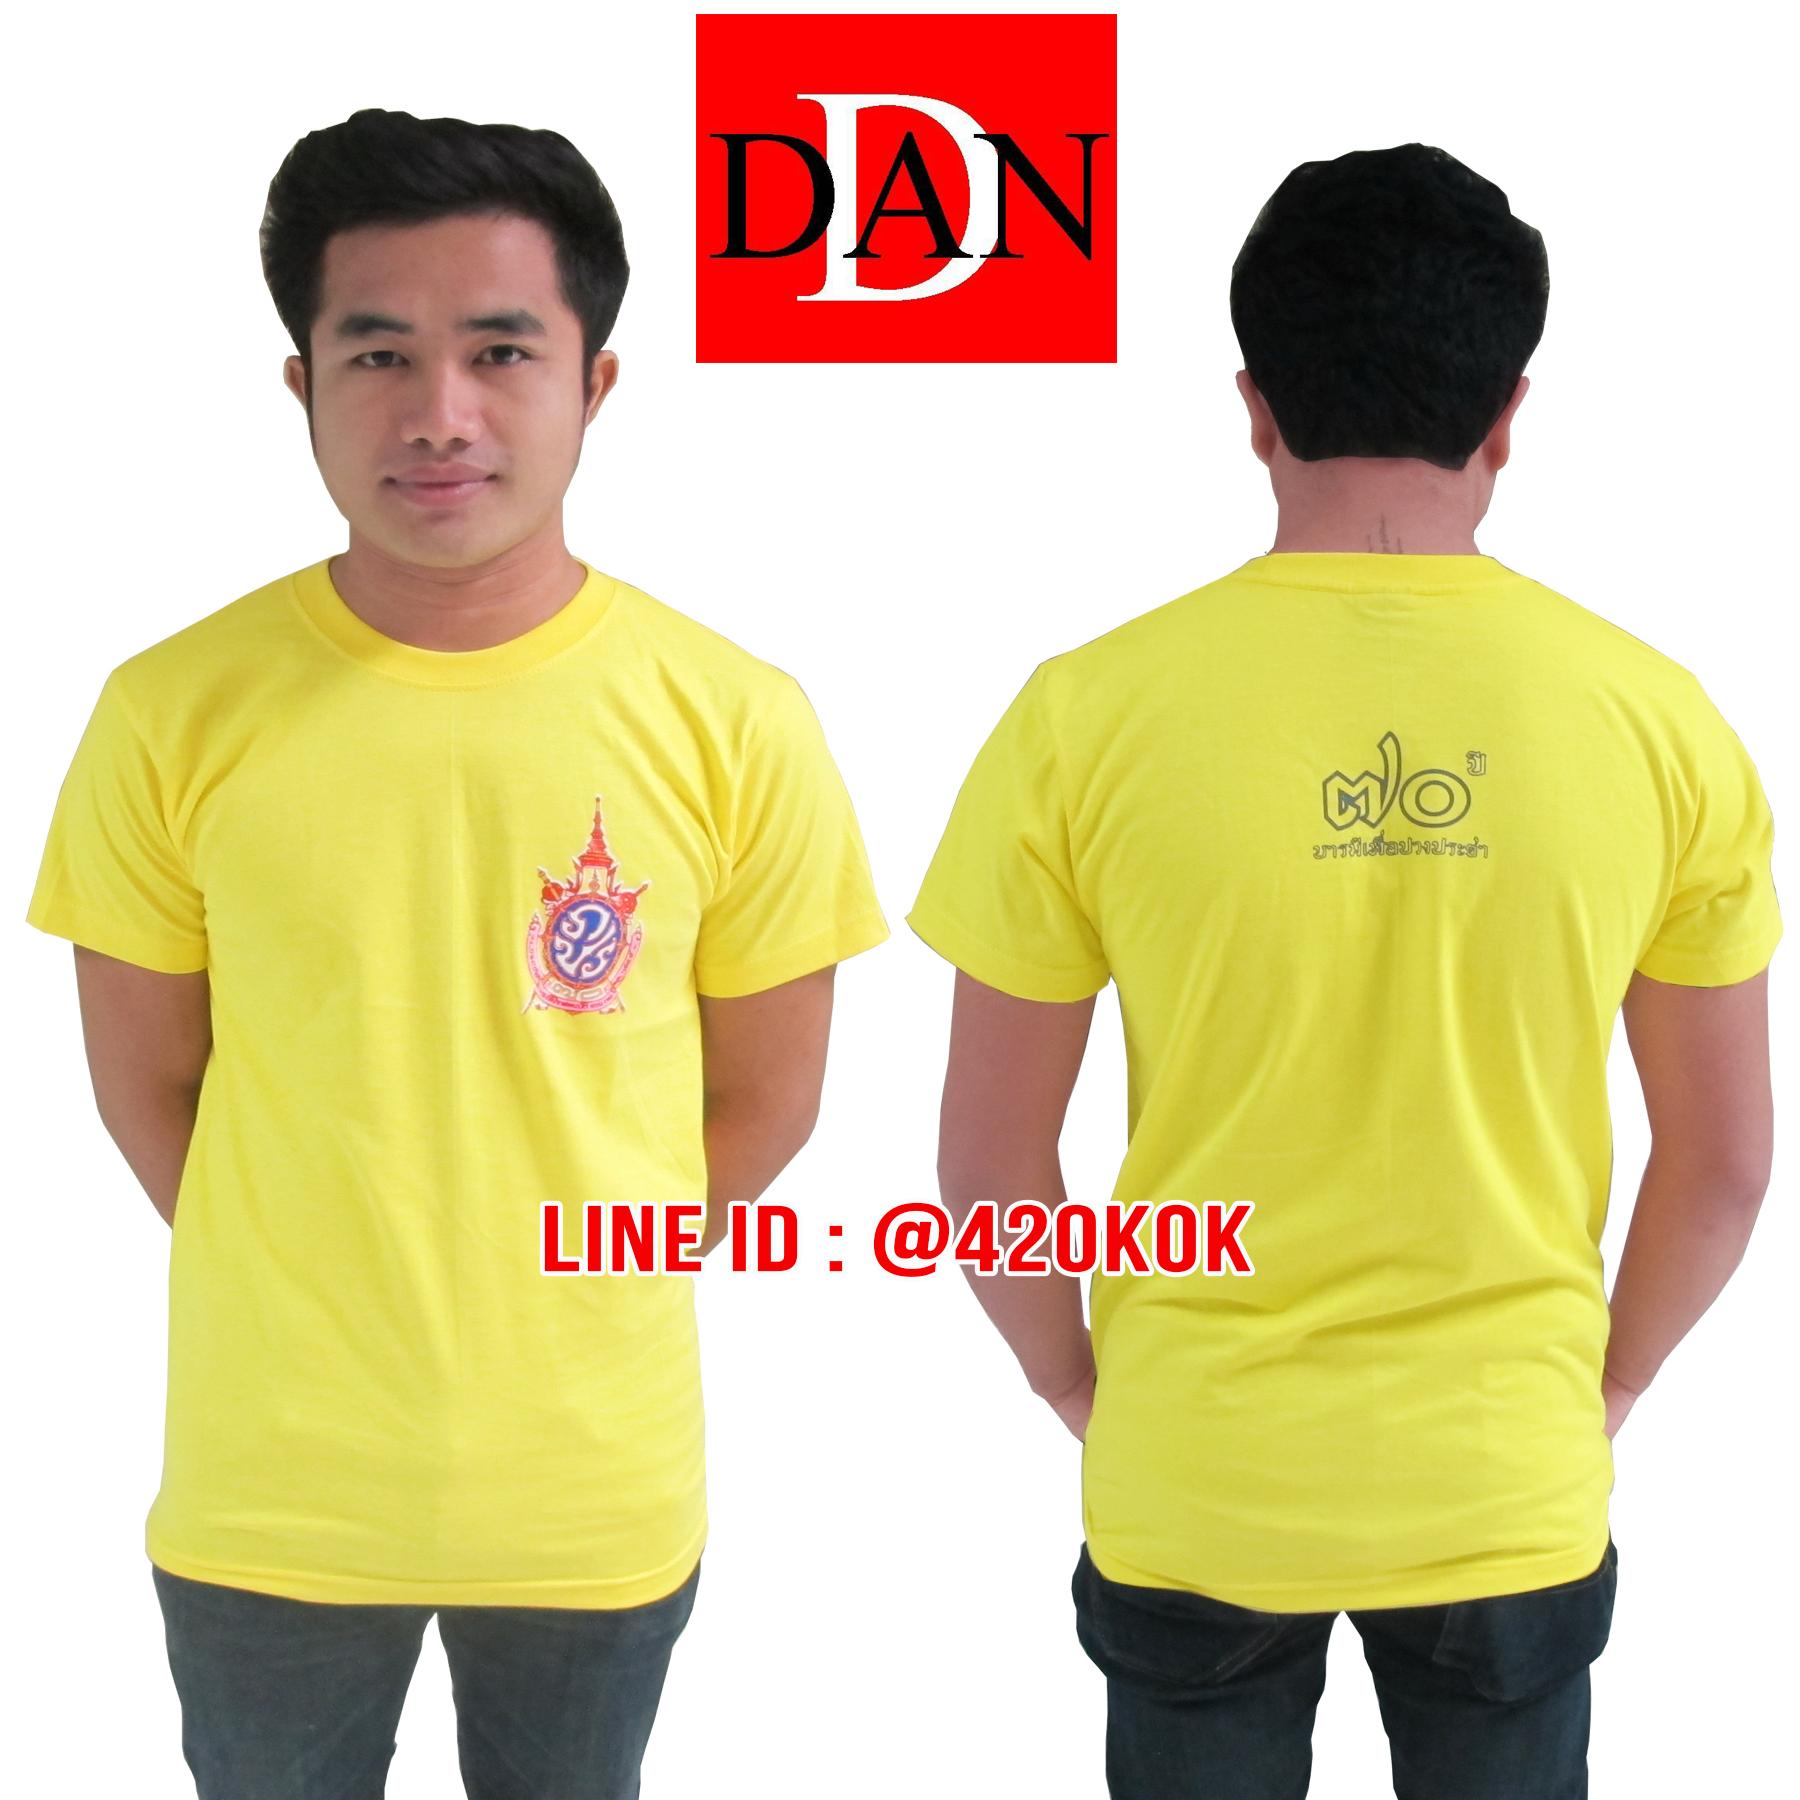 เสื้อเหลือง ประทับตราครองราชย์ 70ปี อกซ้าย